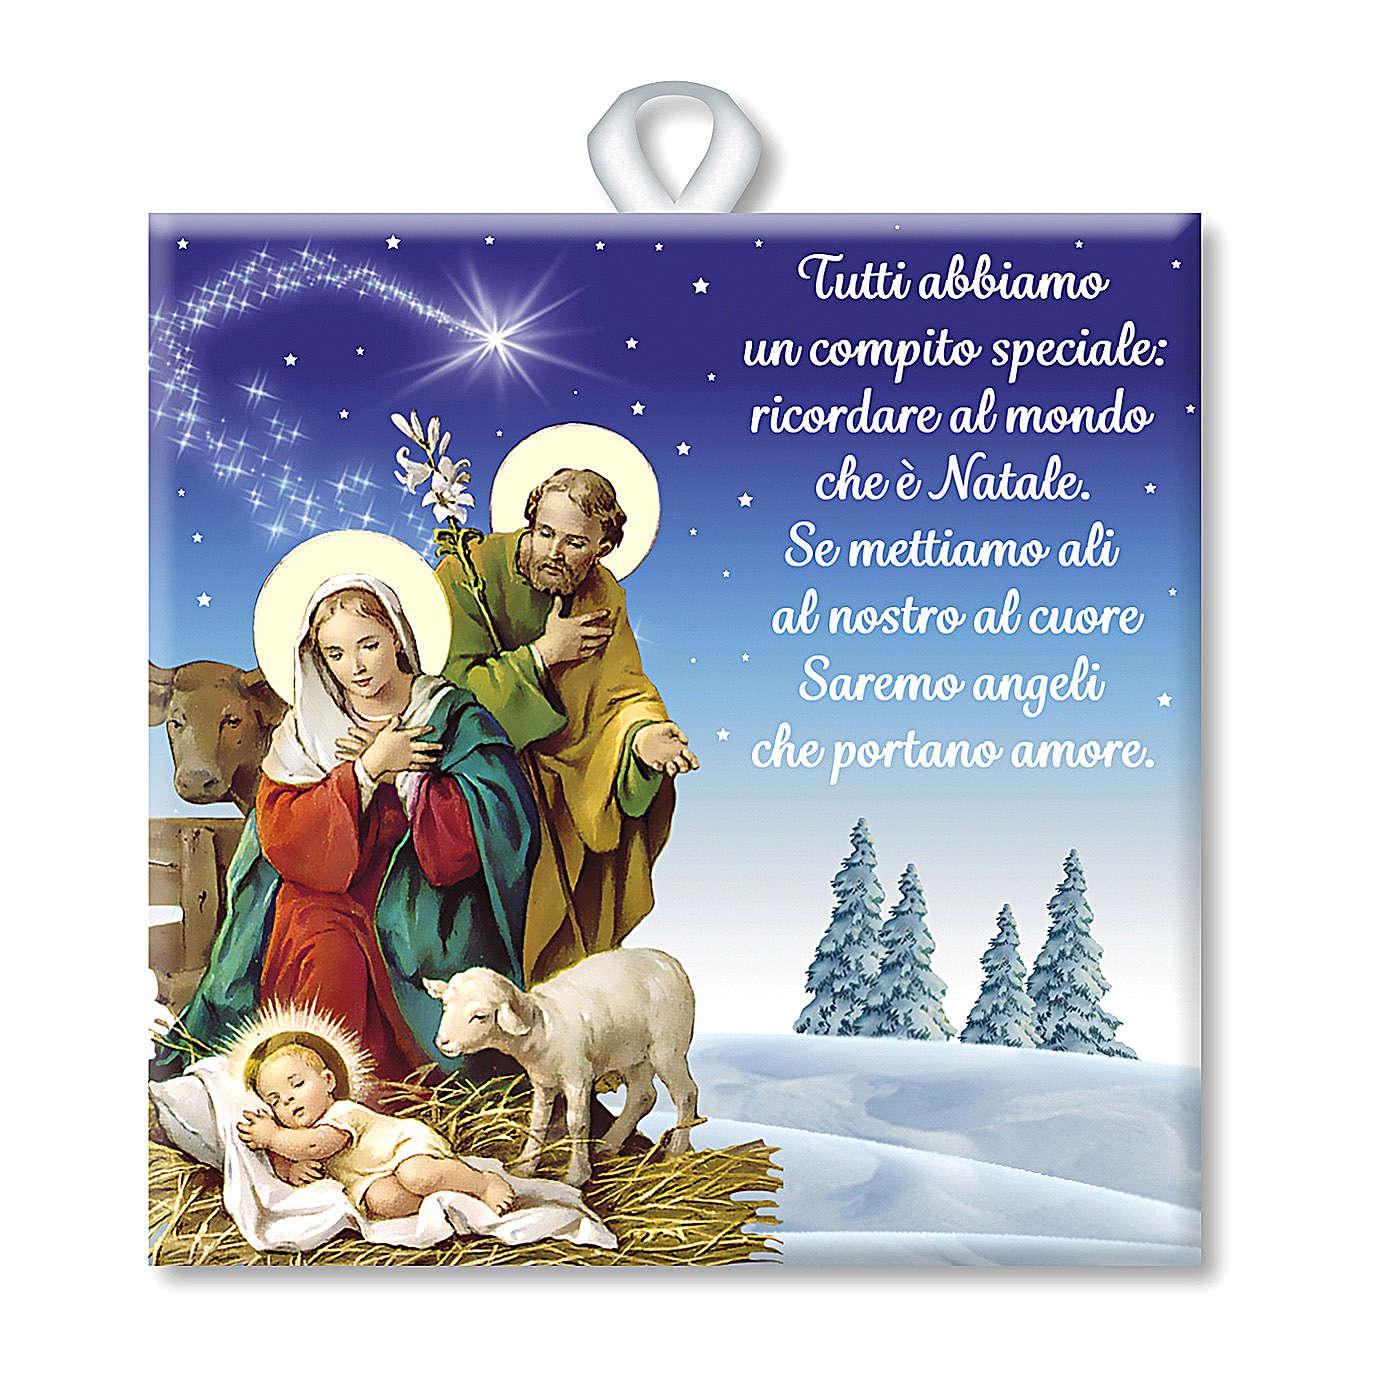 Piastrella ceramica stampata scena Natività preghiera retro 3